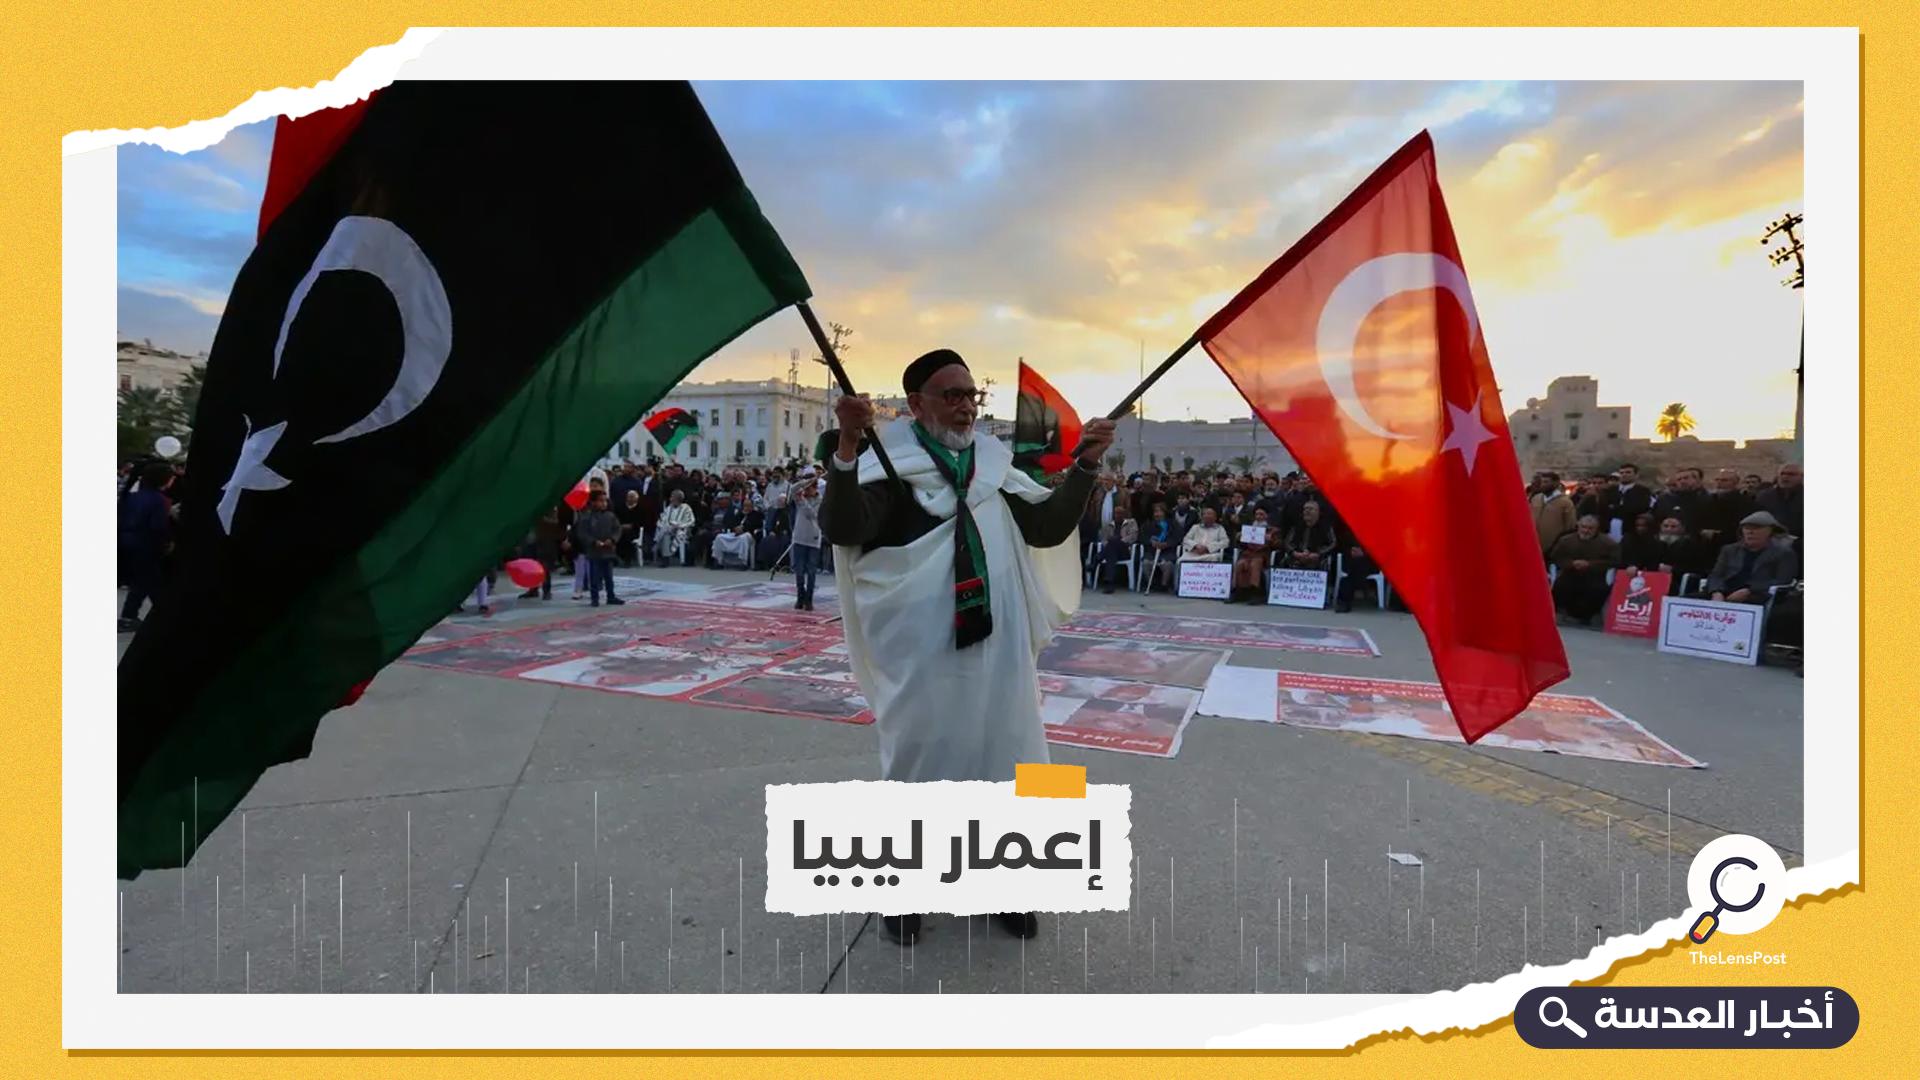 تونس وتركيا تتفقان على المساهمة في إعادة إعمار ليبيا